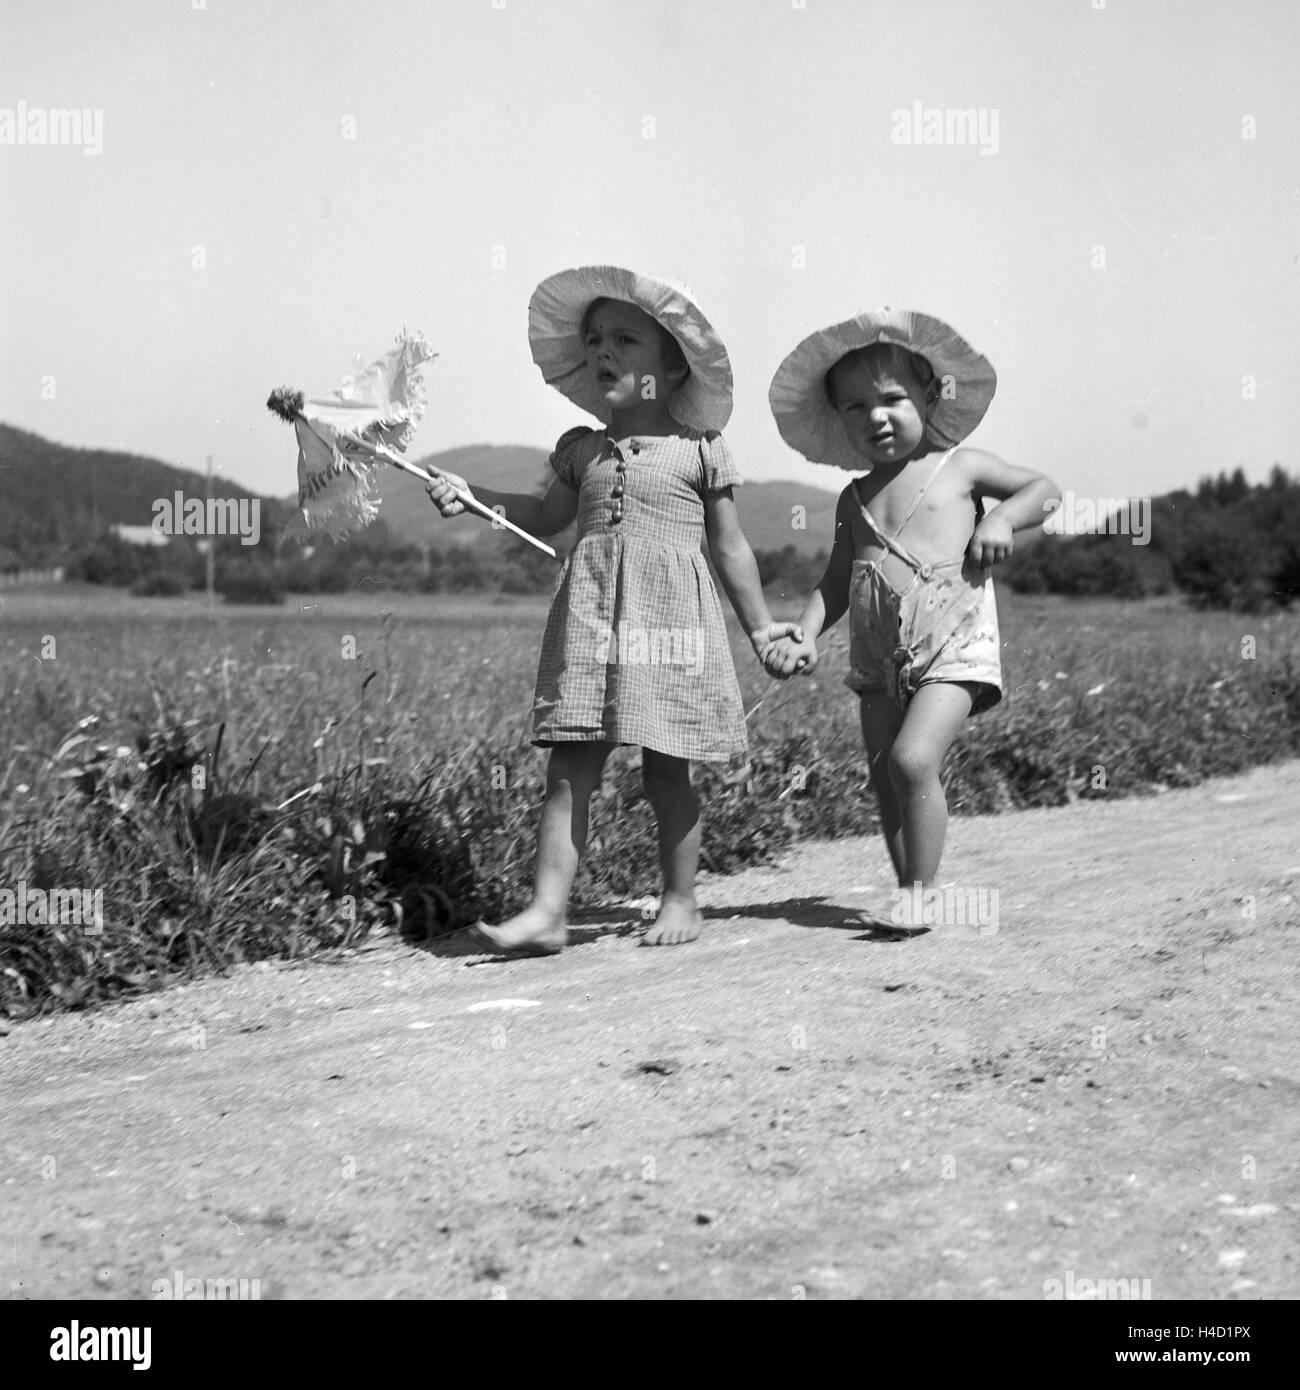 Zwei kleine Kinder bei einem Spaziergang in der Sonne, Deutschland 1930er Jahre. Two toddlers strolling through Stock Photo